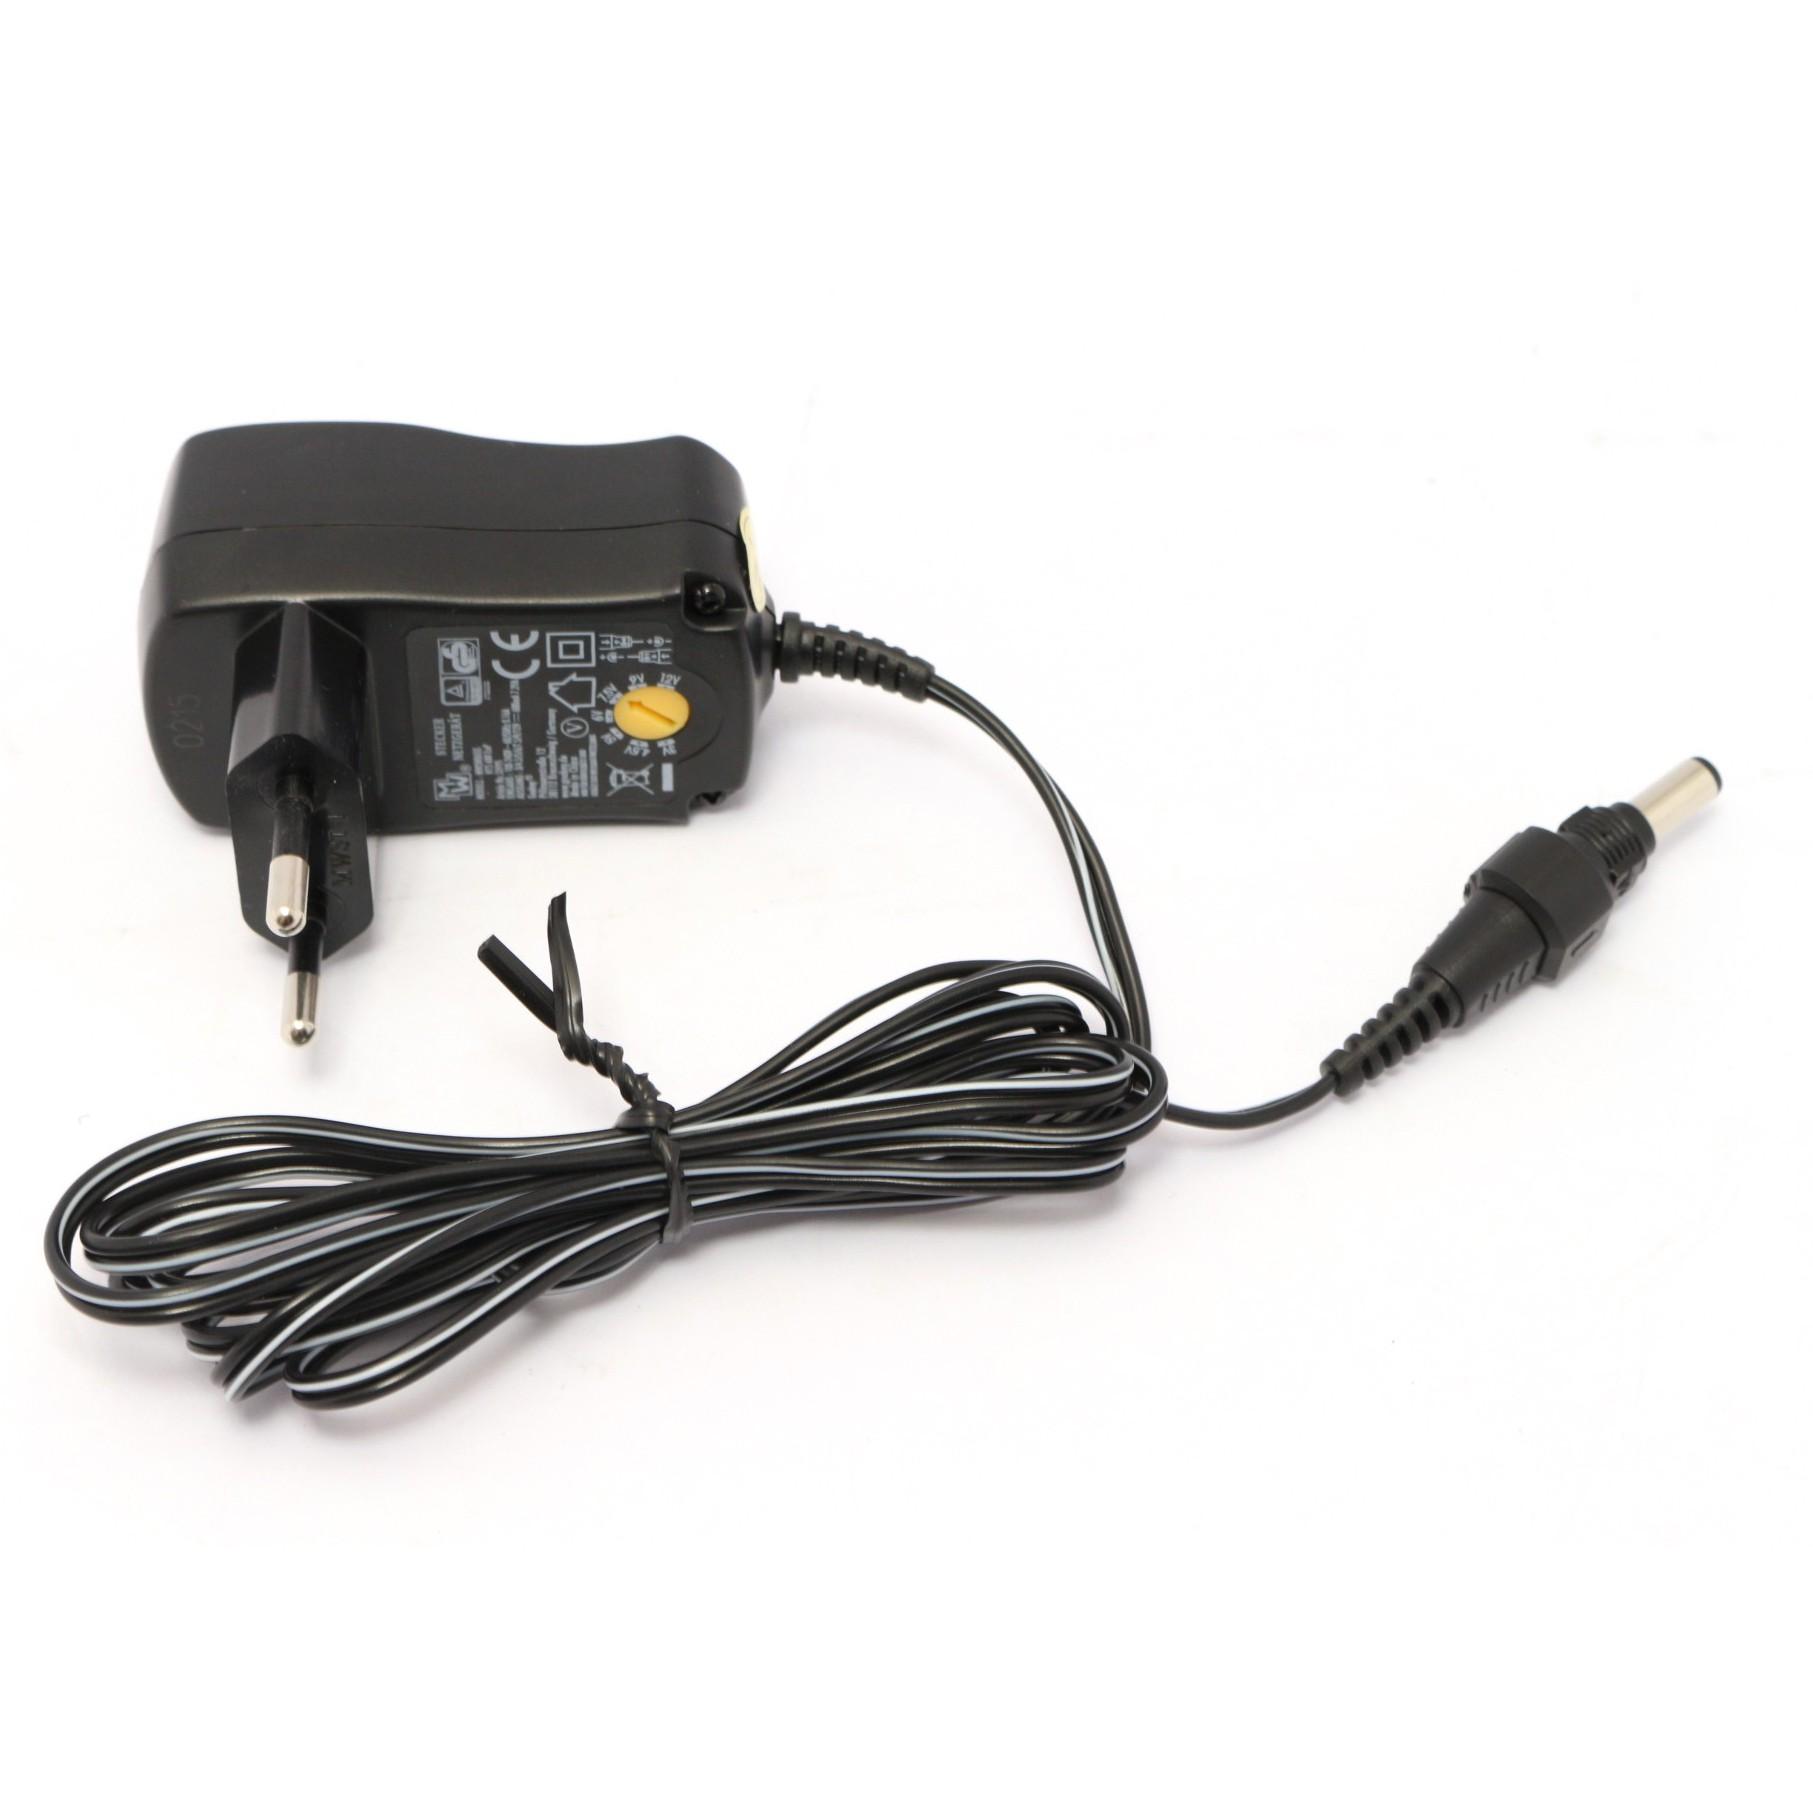 Netzteil / AC Adapter für das Sharp Twin Famicom [verschiedene Hersteller]